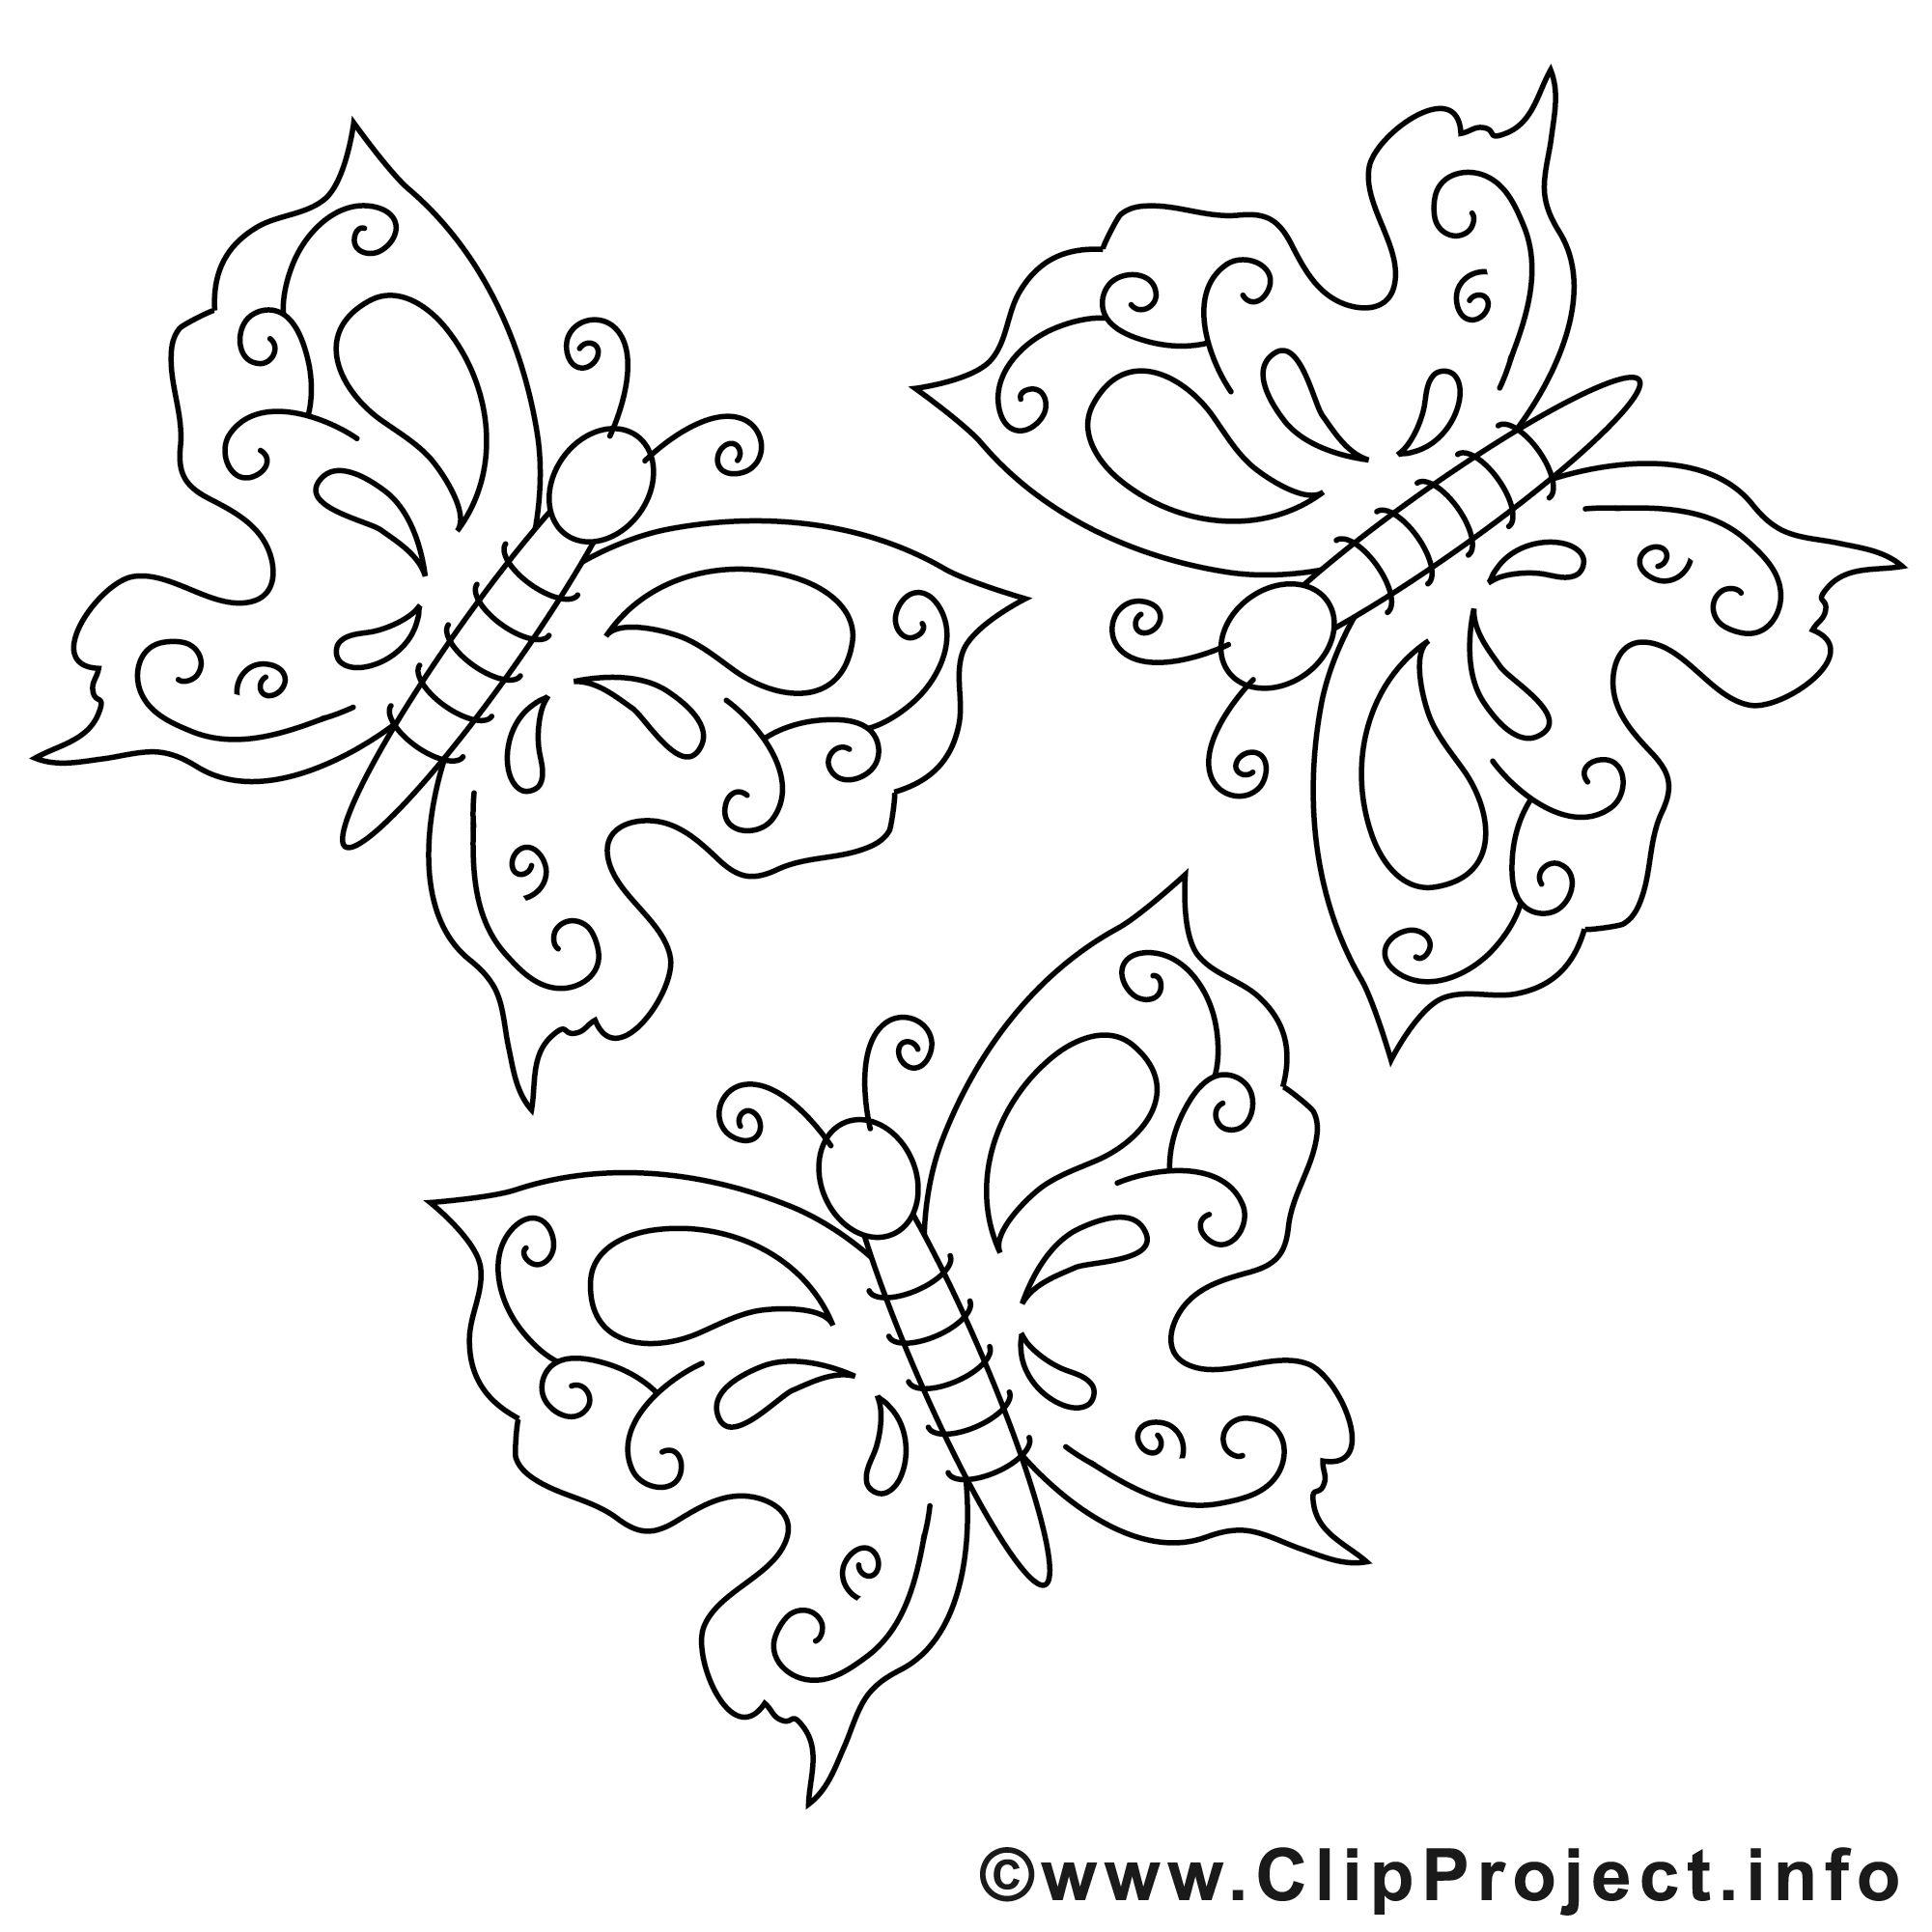 Malvorlagen Schmetterling Gratis | My blog